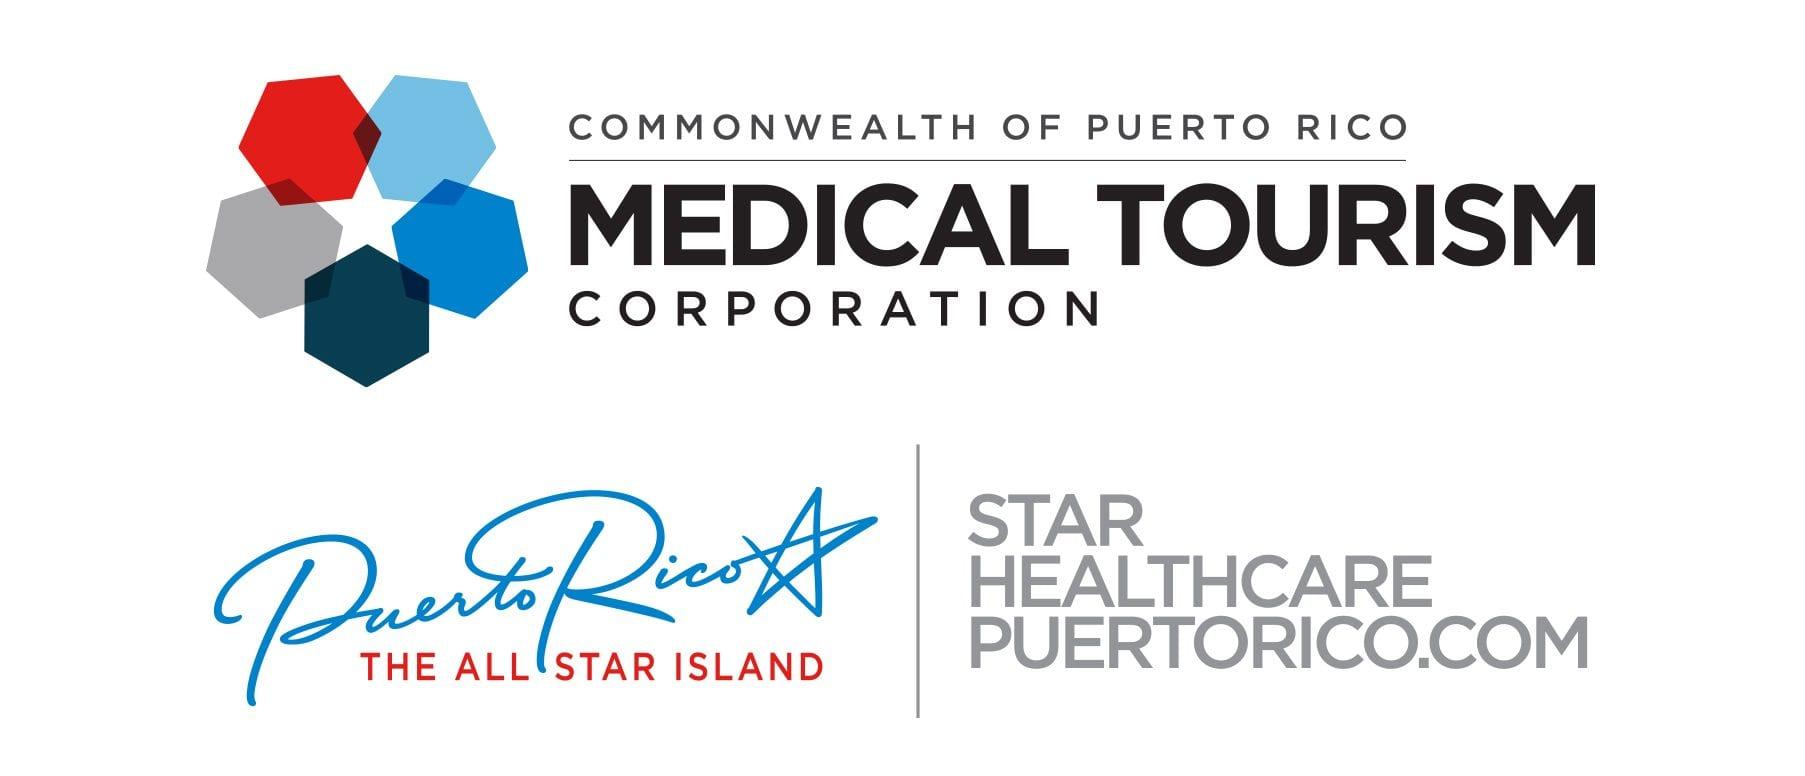 Star Healthcare Puerto Rico